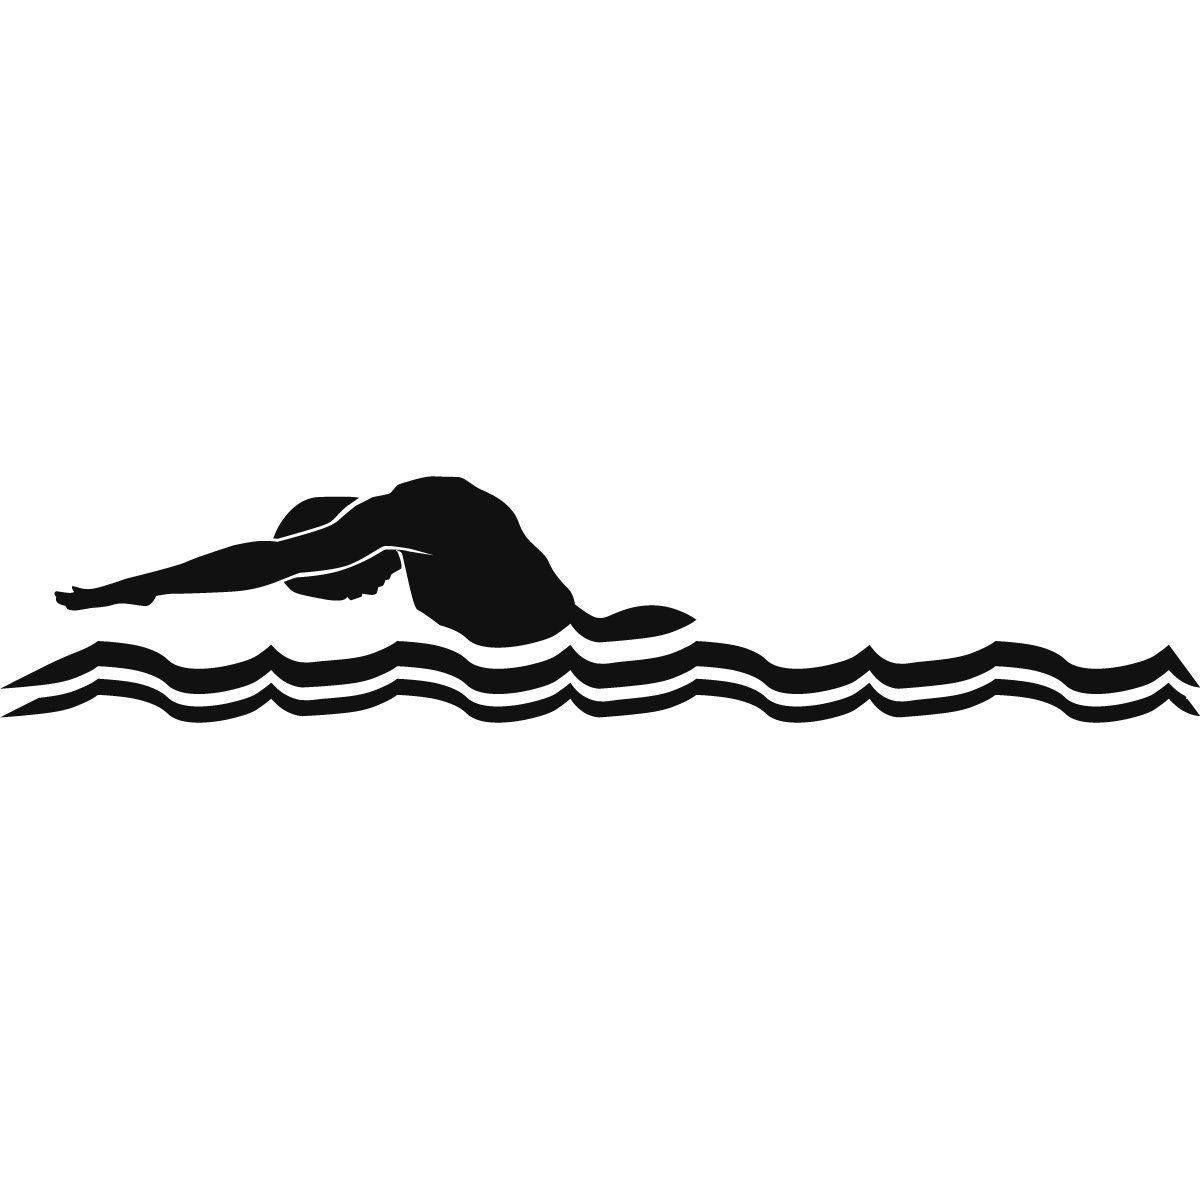 clip art male swimmer butterfly stroke green swimming [ 1200 x 1200 Pixel ]